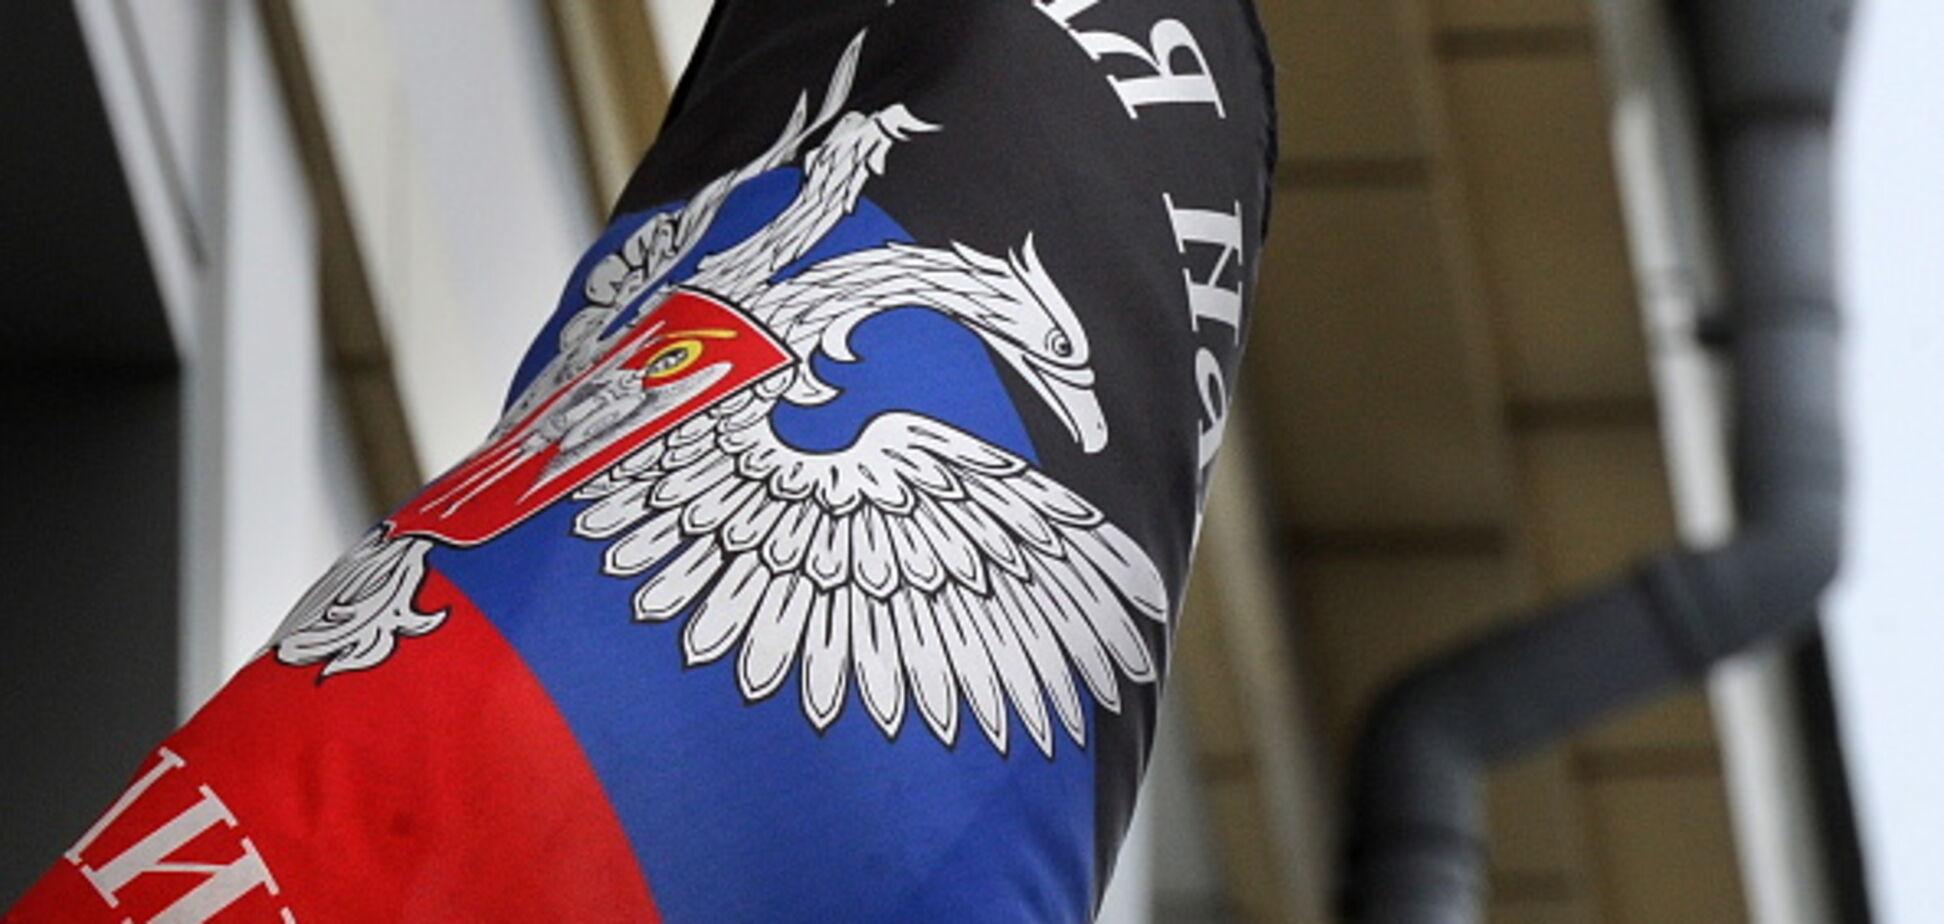 Жил год после смерти: в 'ДНР' эпично прокололись с погибшим 'героем'